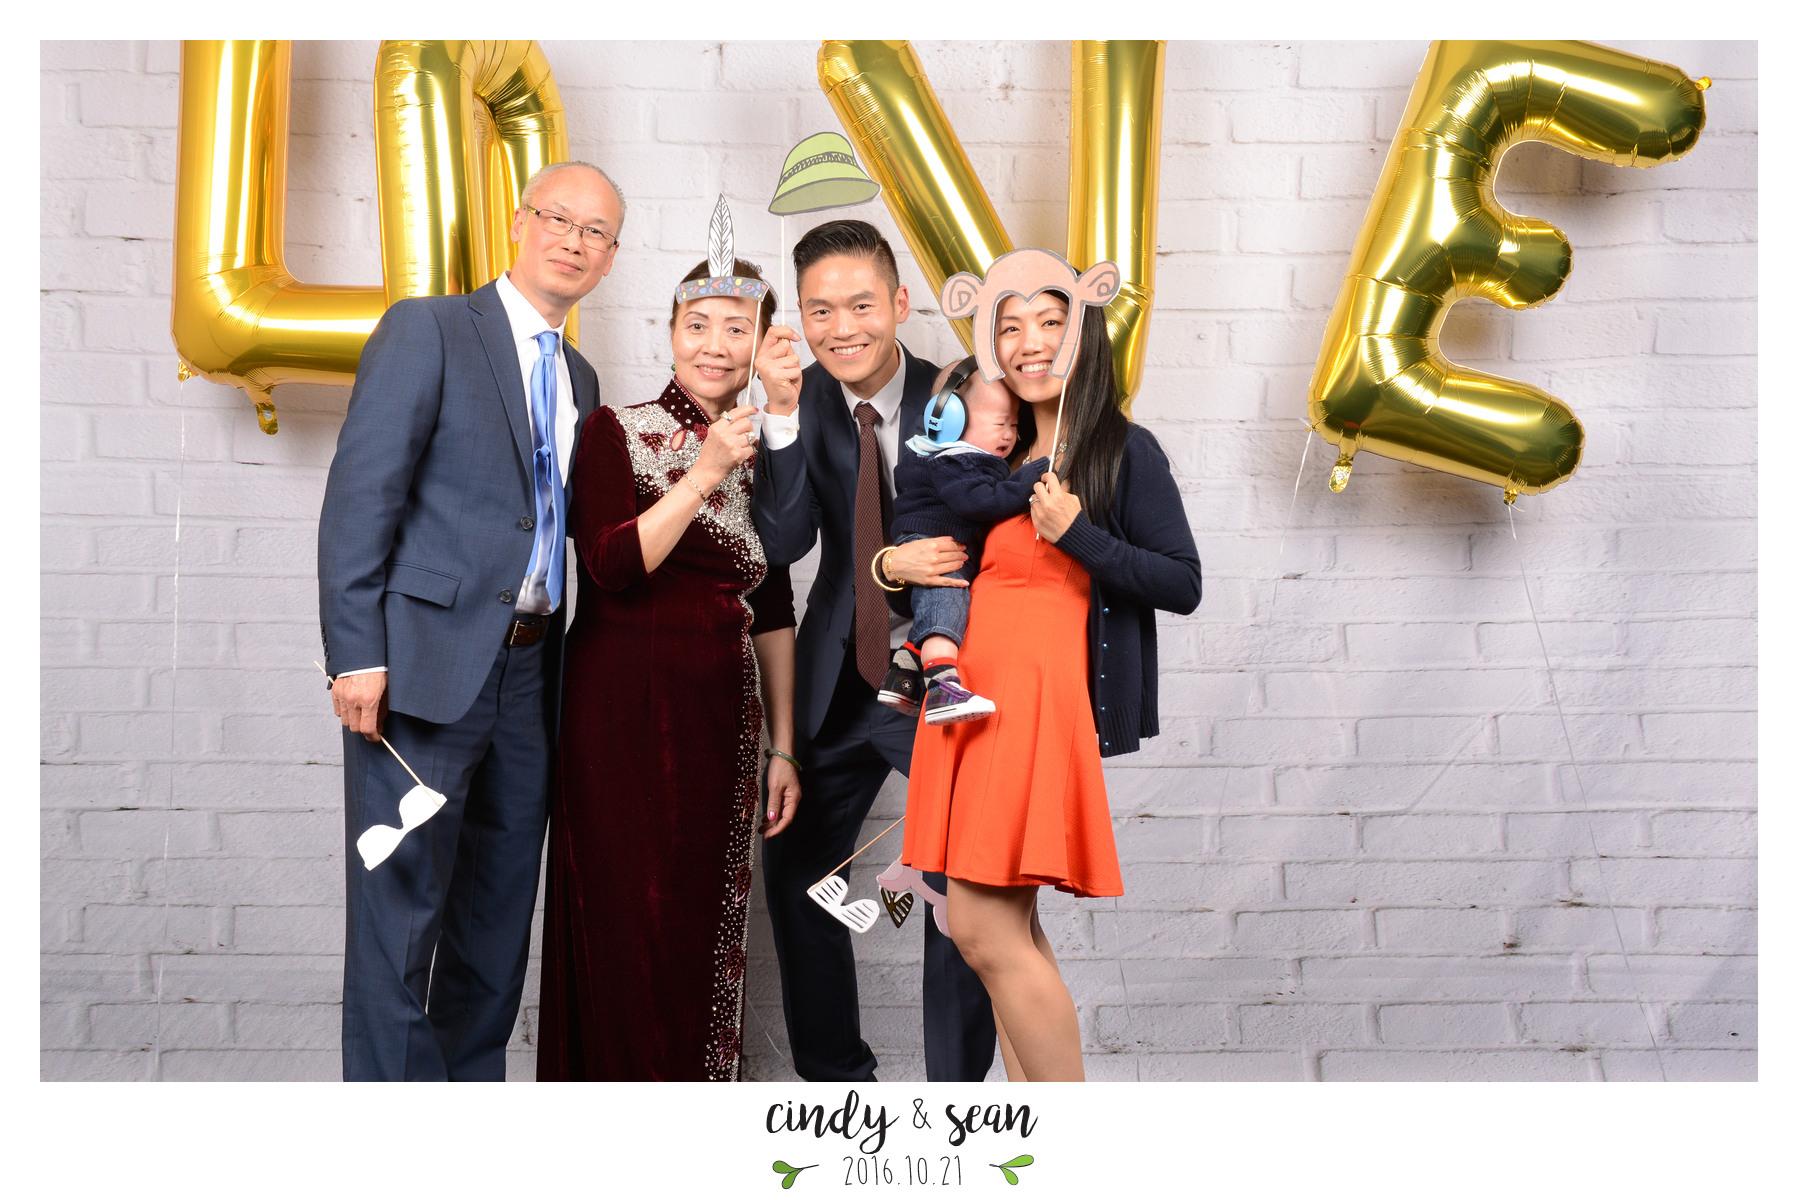 Cindy Sean Bae - 0001-32.jpg